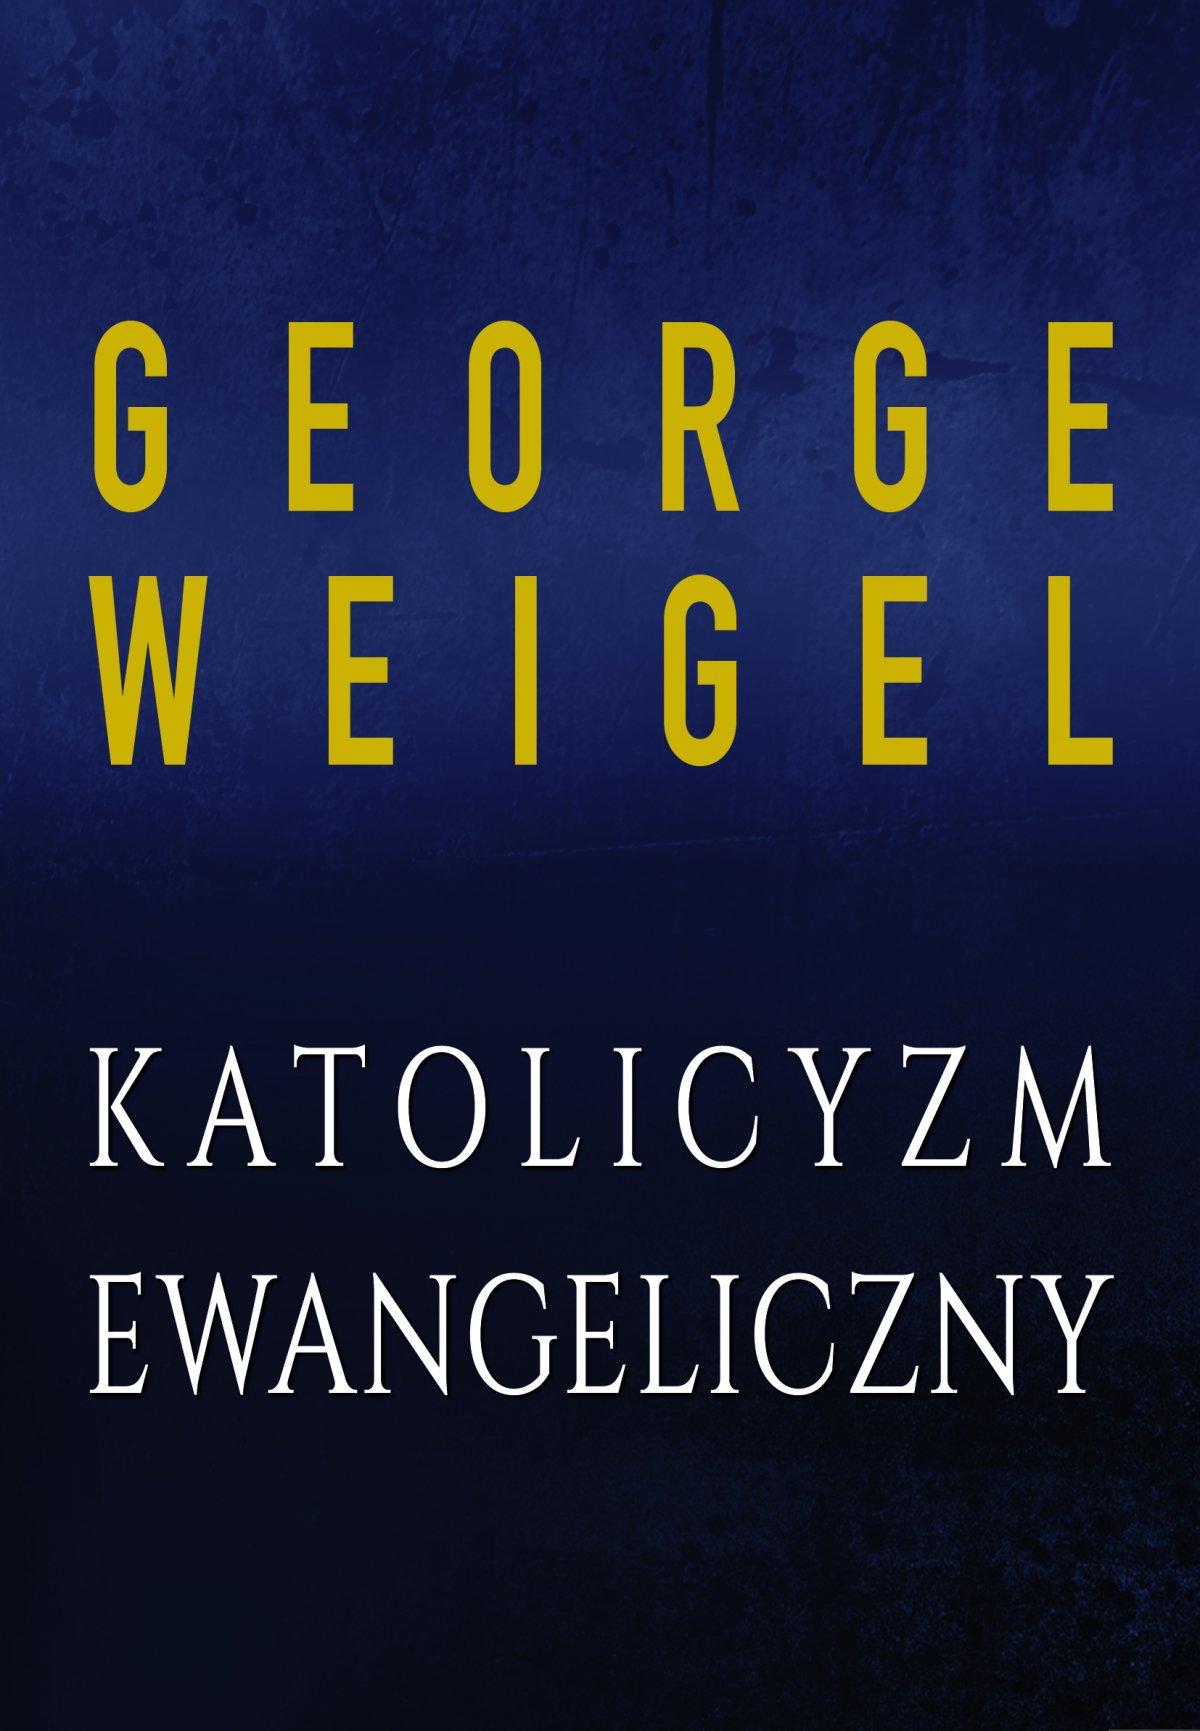 Katolicyzm ewangeliczny - Ebook (Książka EPUB) do pobrania w formacie EPUB